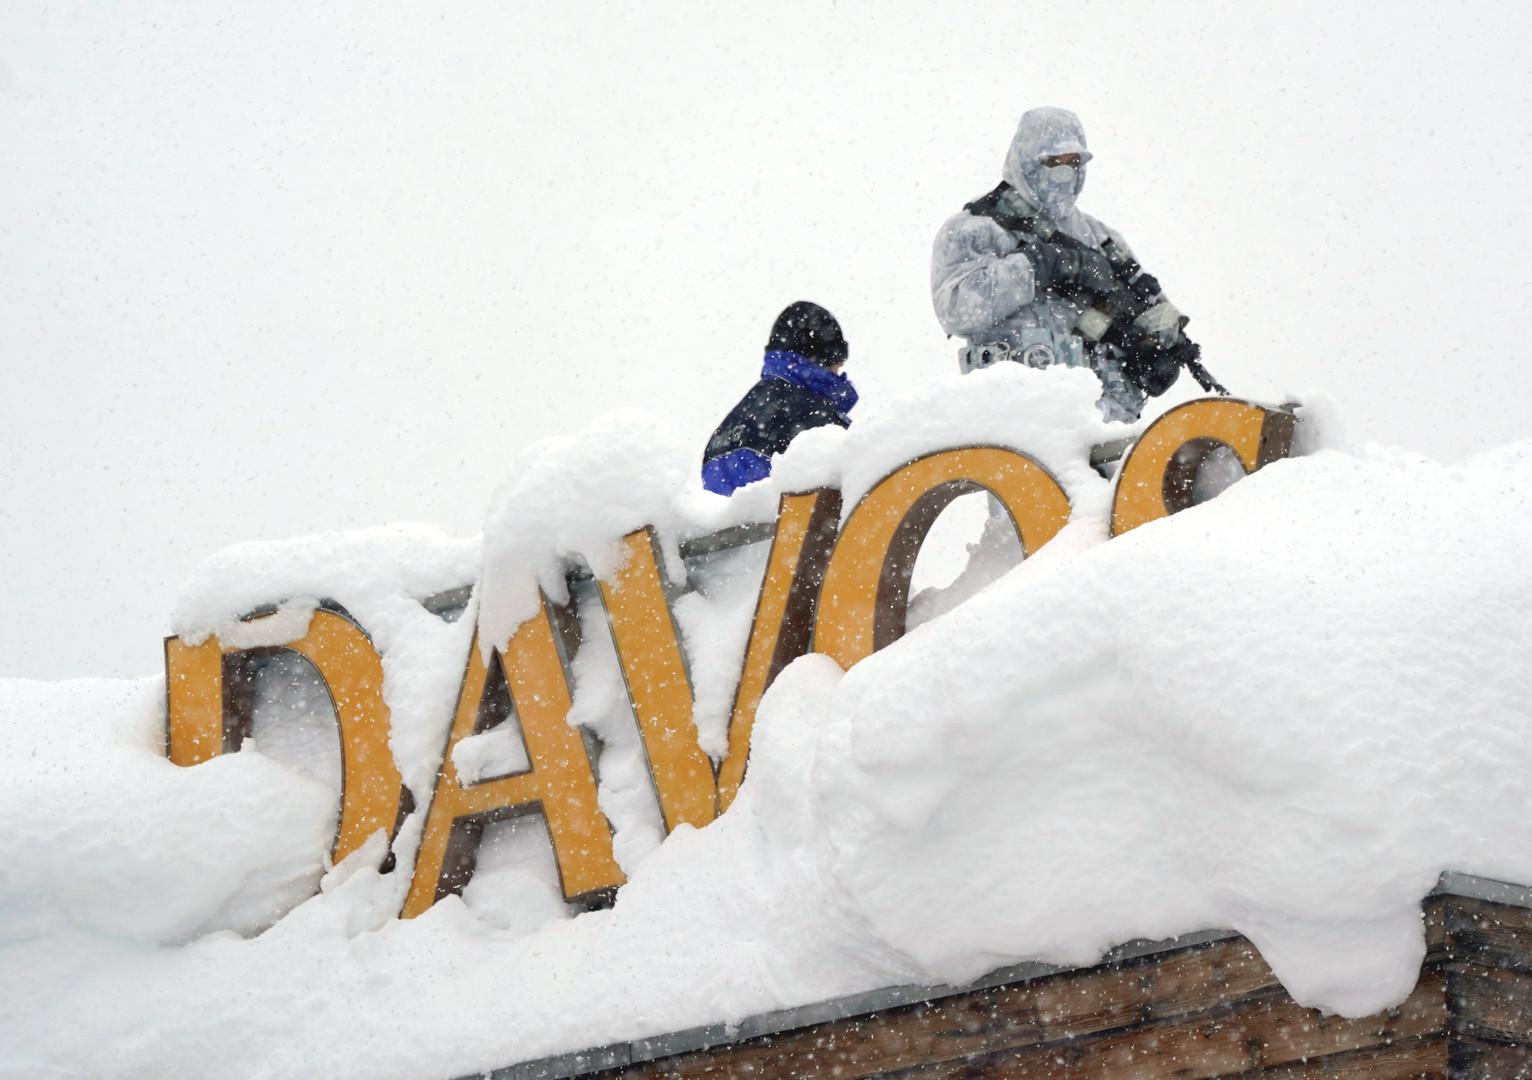 Ausnahmezustand in den Alpen: Heftige Schneefälle und höchste Lawinenwarnstufe